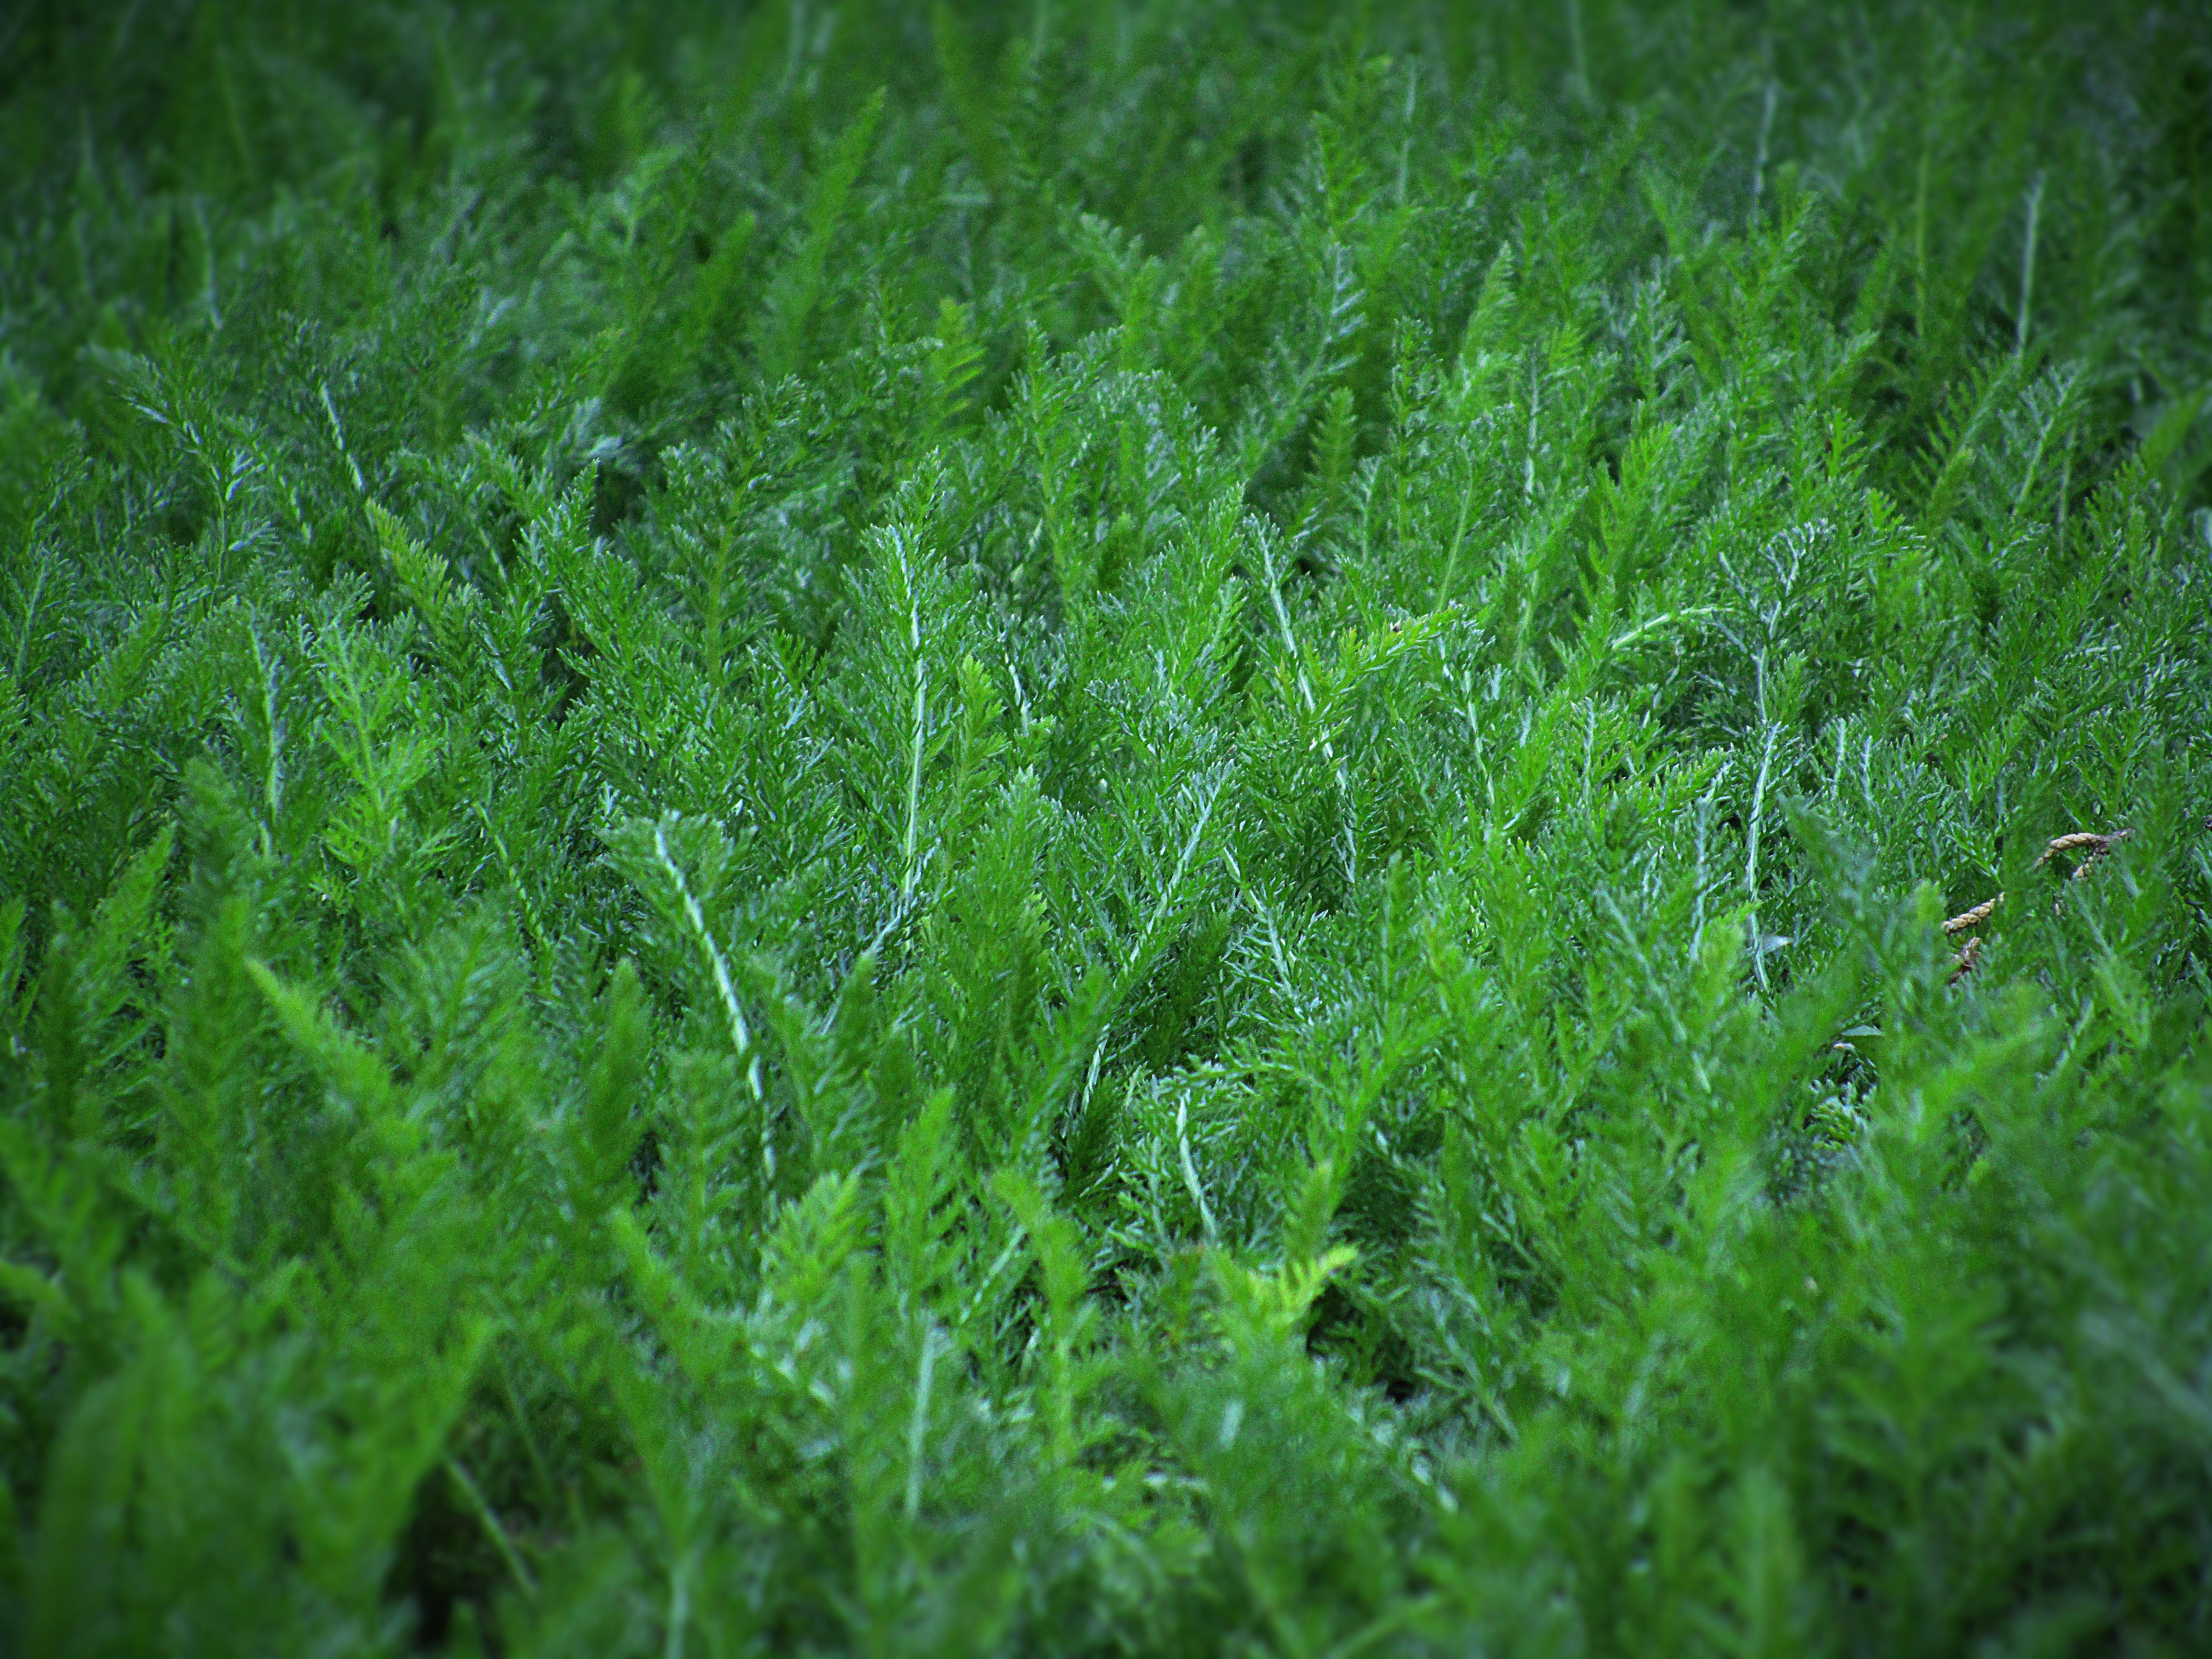 images gratuites la nature herbe champ pelouse prairie feuille fleur mousse naturel. Black Bedroom Furniture Sets. Home Design Ideas